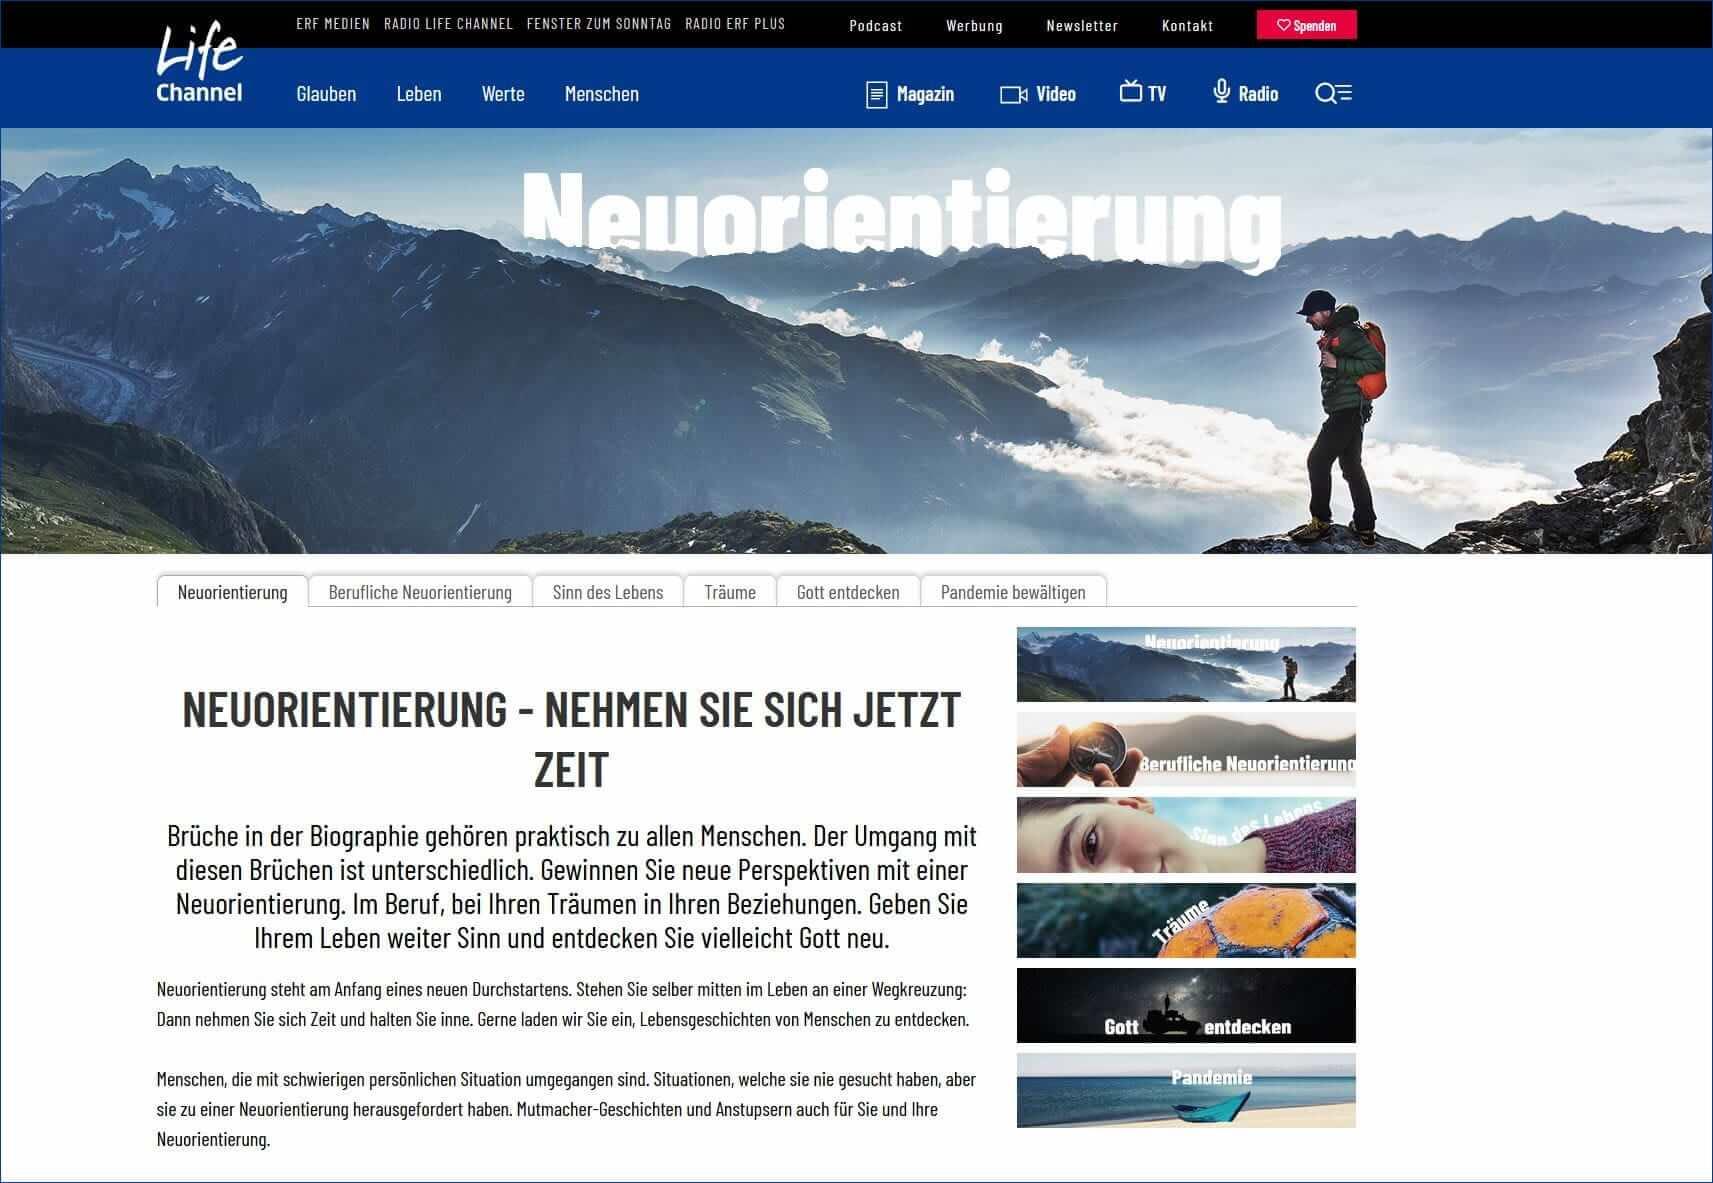 Lifechannel.ch: berufliche Neuorientierung, Quereinsteigen und wie es andere erlebt haben.